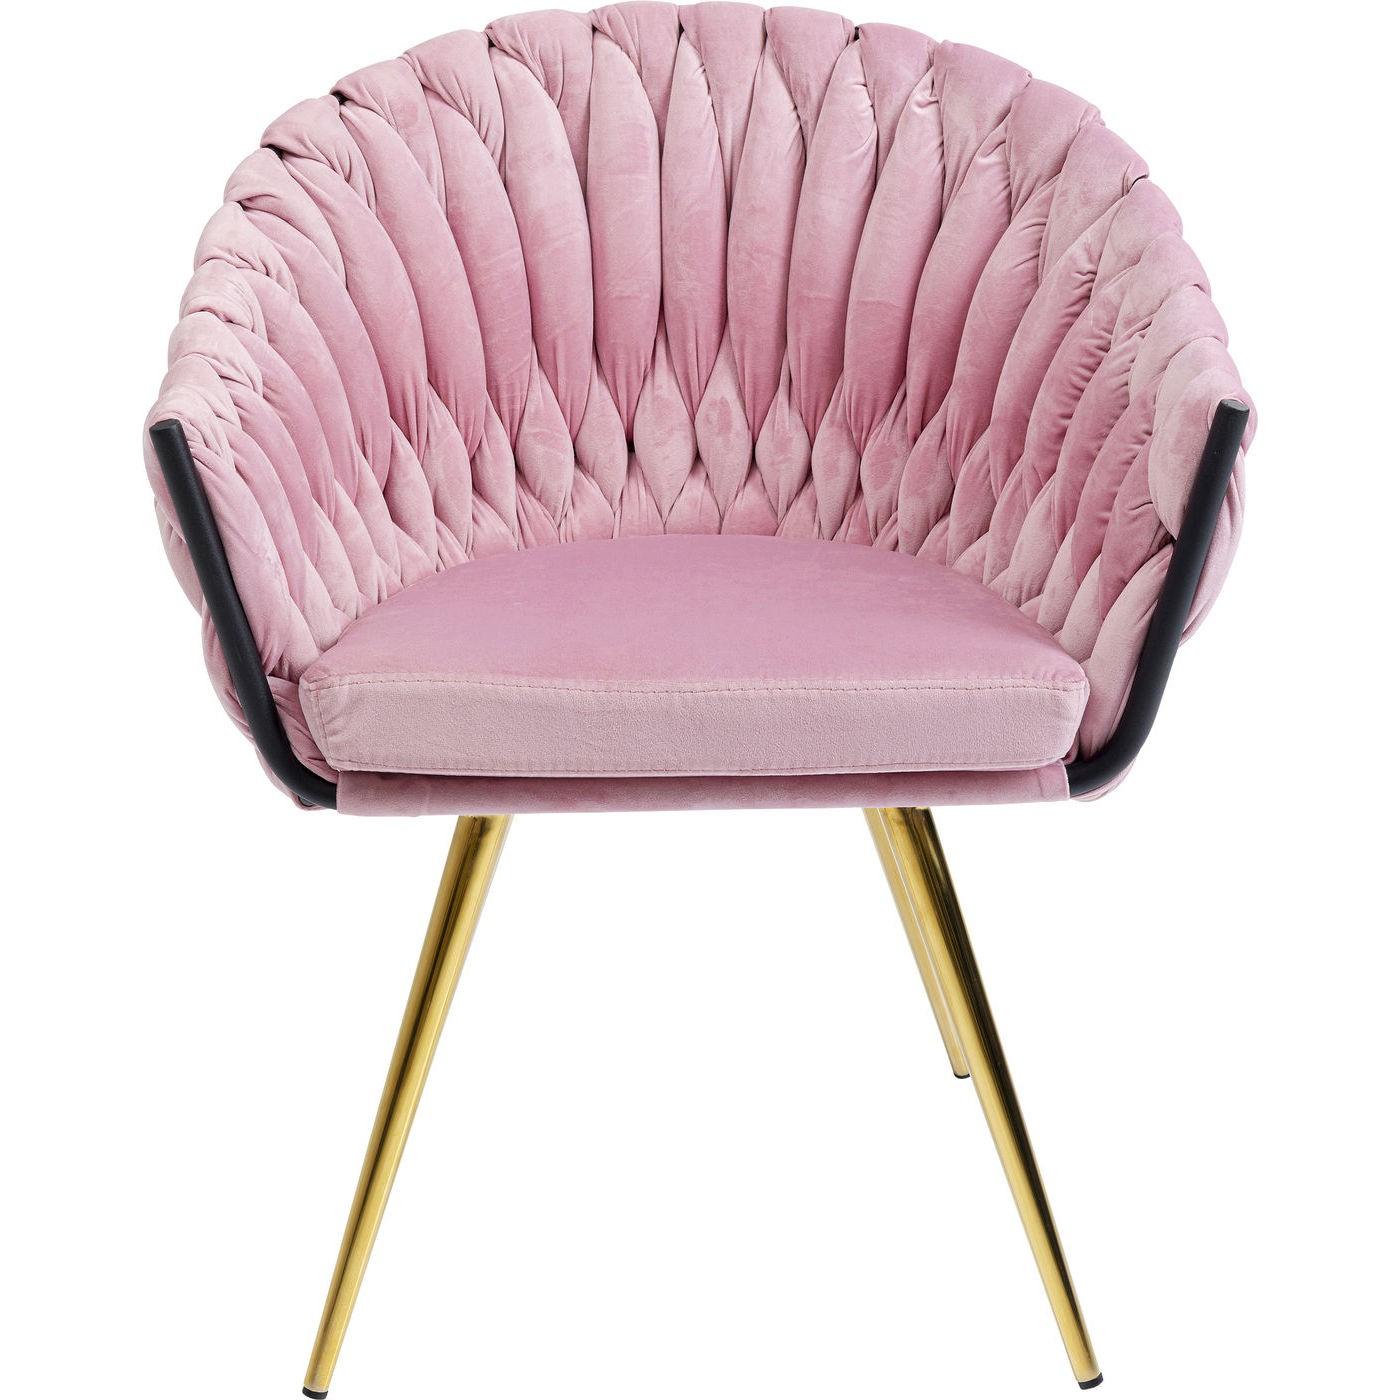 maison du monde Chaise avec accoudoirs en velours rose et acier doré